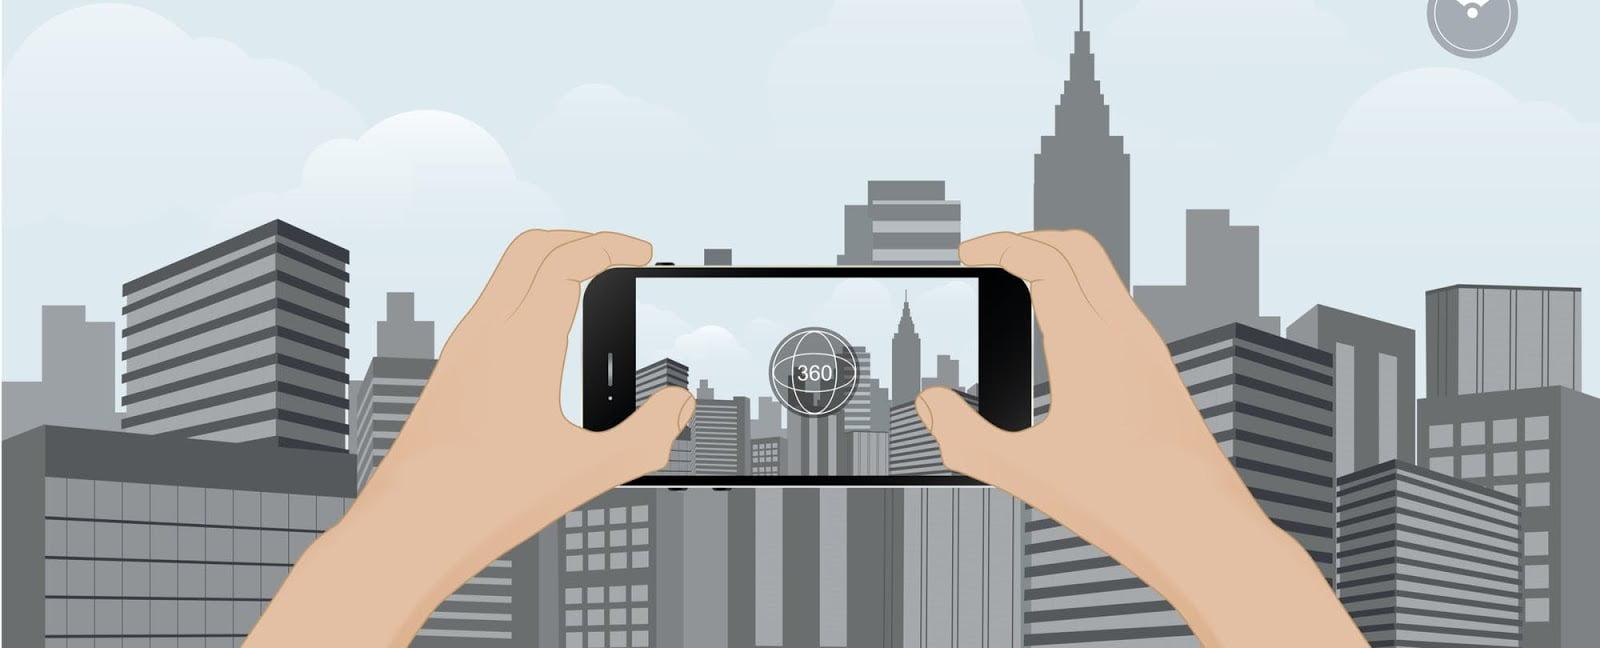 تور مجازی ثبت موقعیت در نقشه گوگل تور مجازی گوگل پوستر گوگل لوکال گاید راهنمای محلی گوگل google local guide وکتور بنر تور مجازی عکس 360 درجه لوگو تور مجازی پوستر